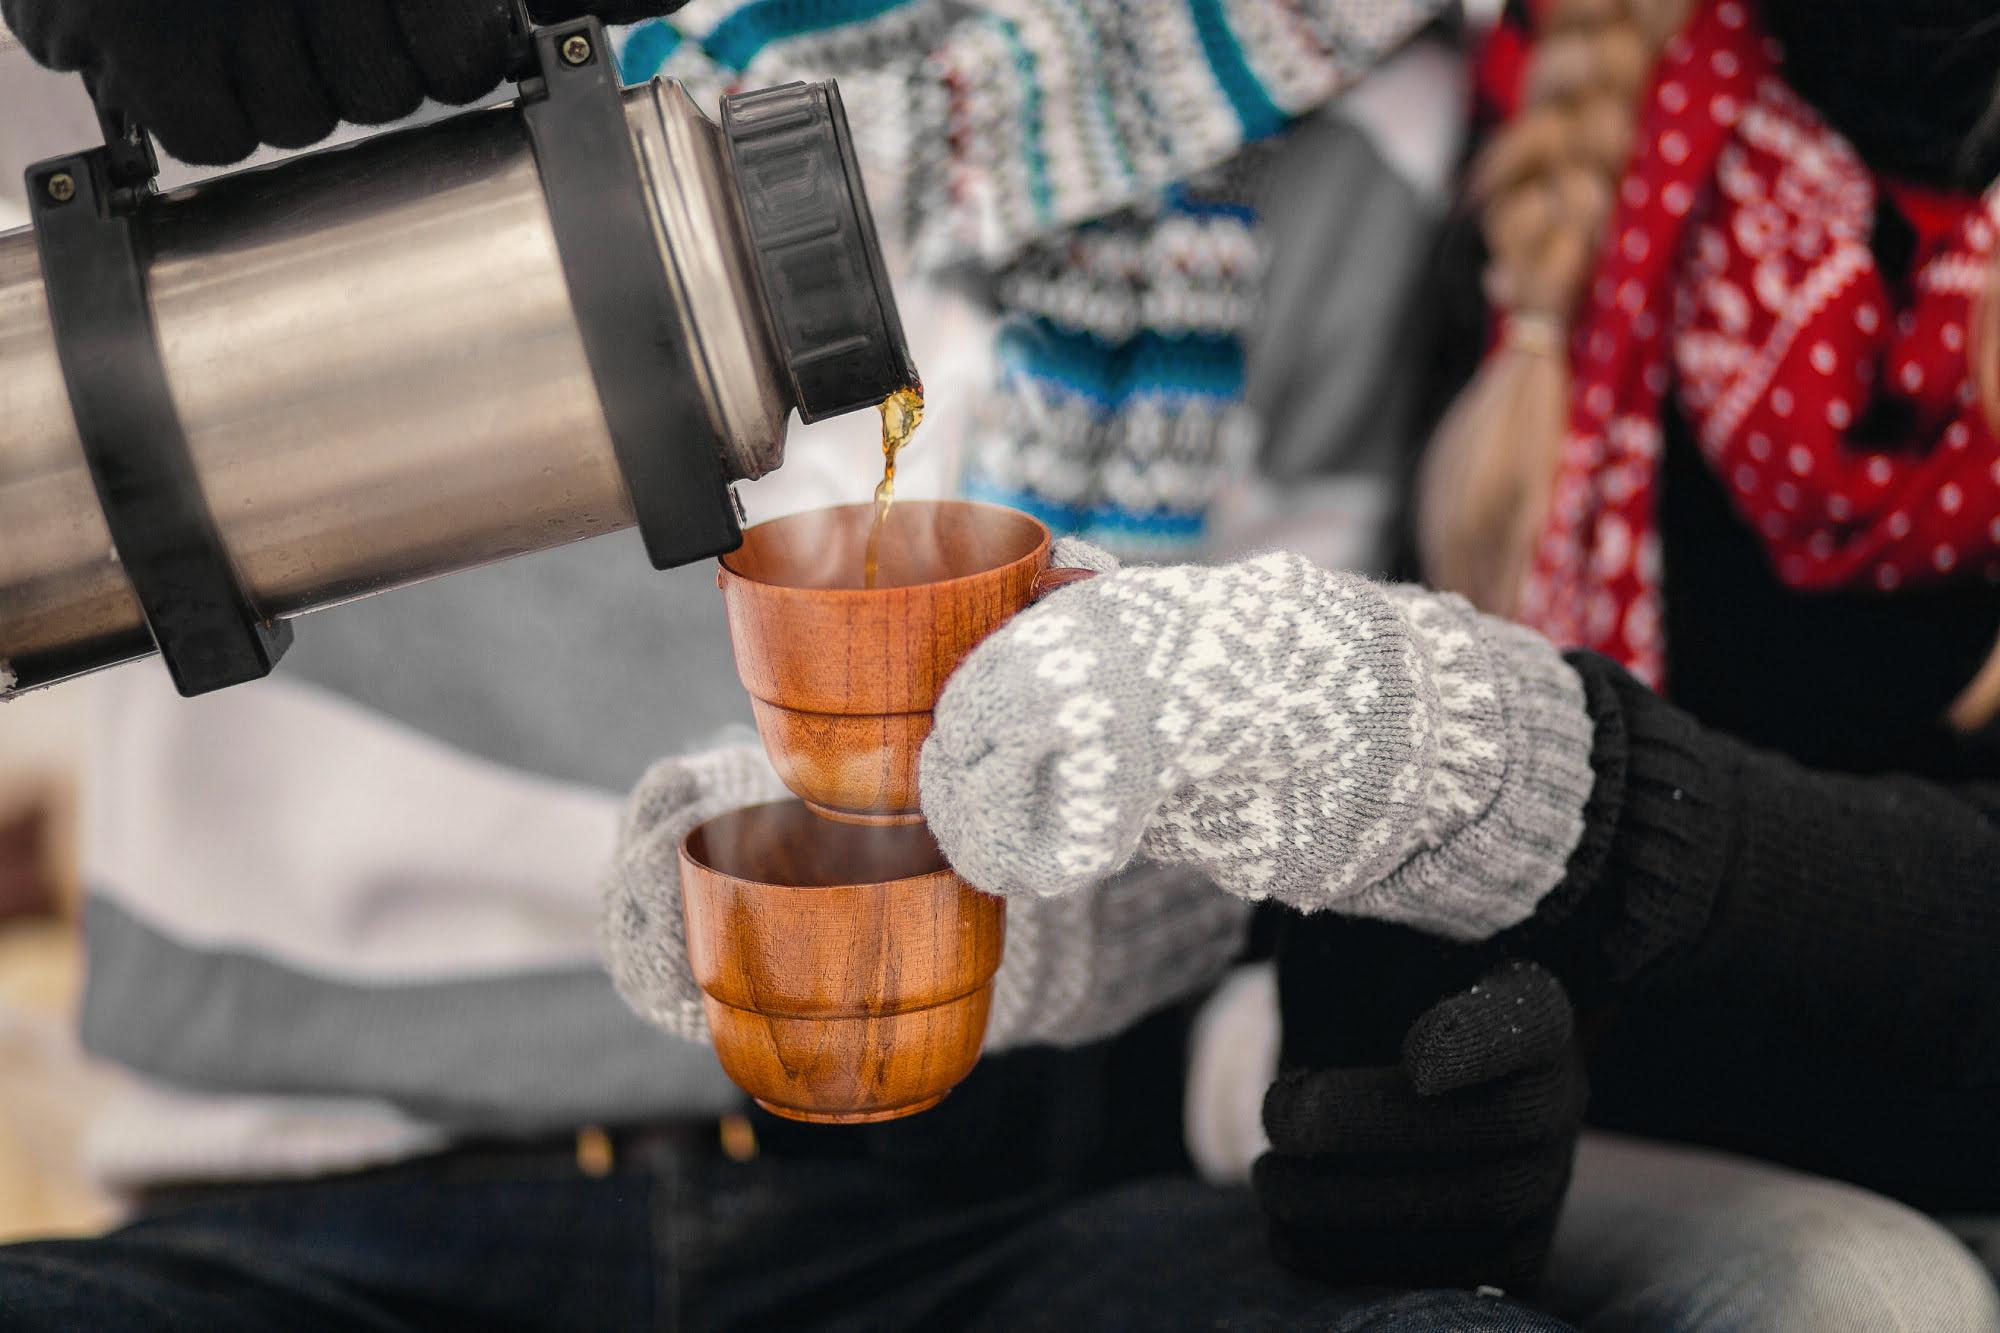 Café dans un thermos